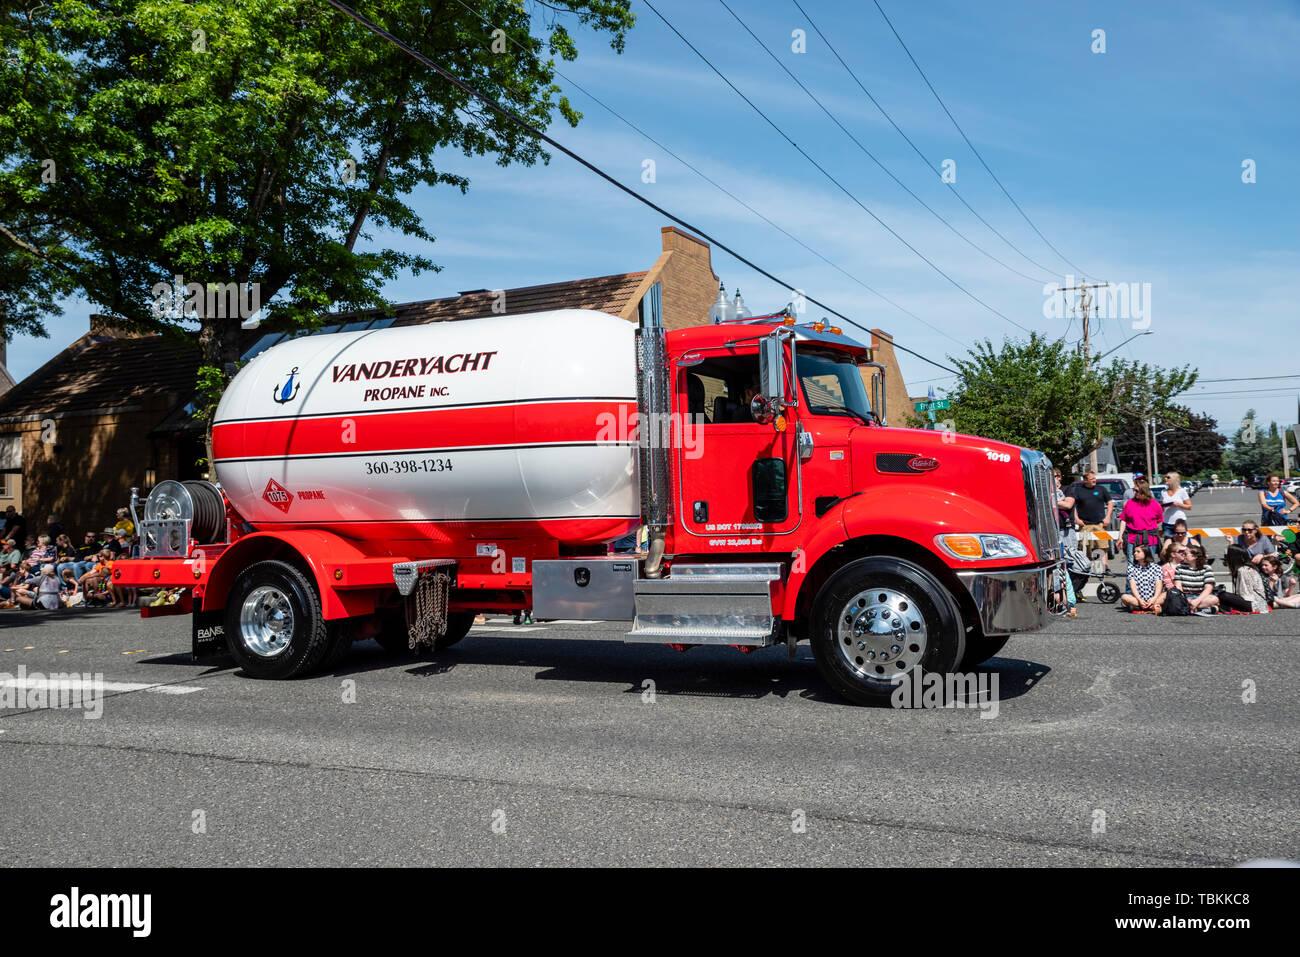 Vanderyacht propano autocisterna nel 2019 Lynden agricoltori parata del giorno. Lynden, Washington Immagini Stock